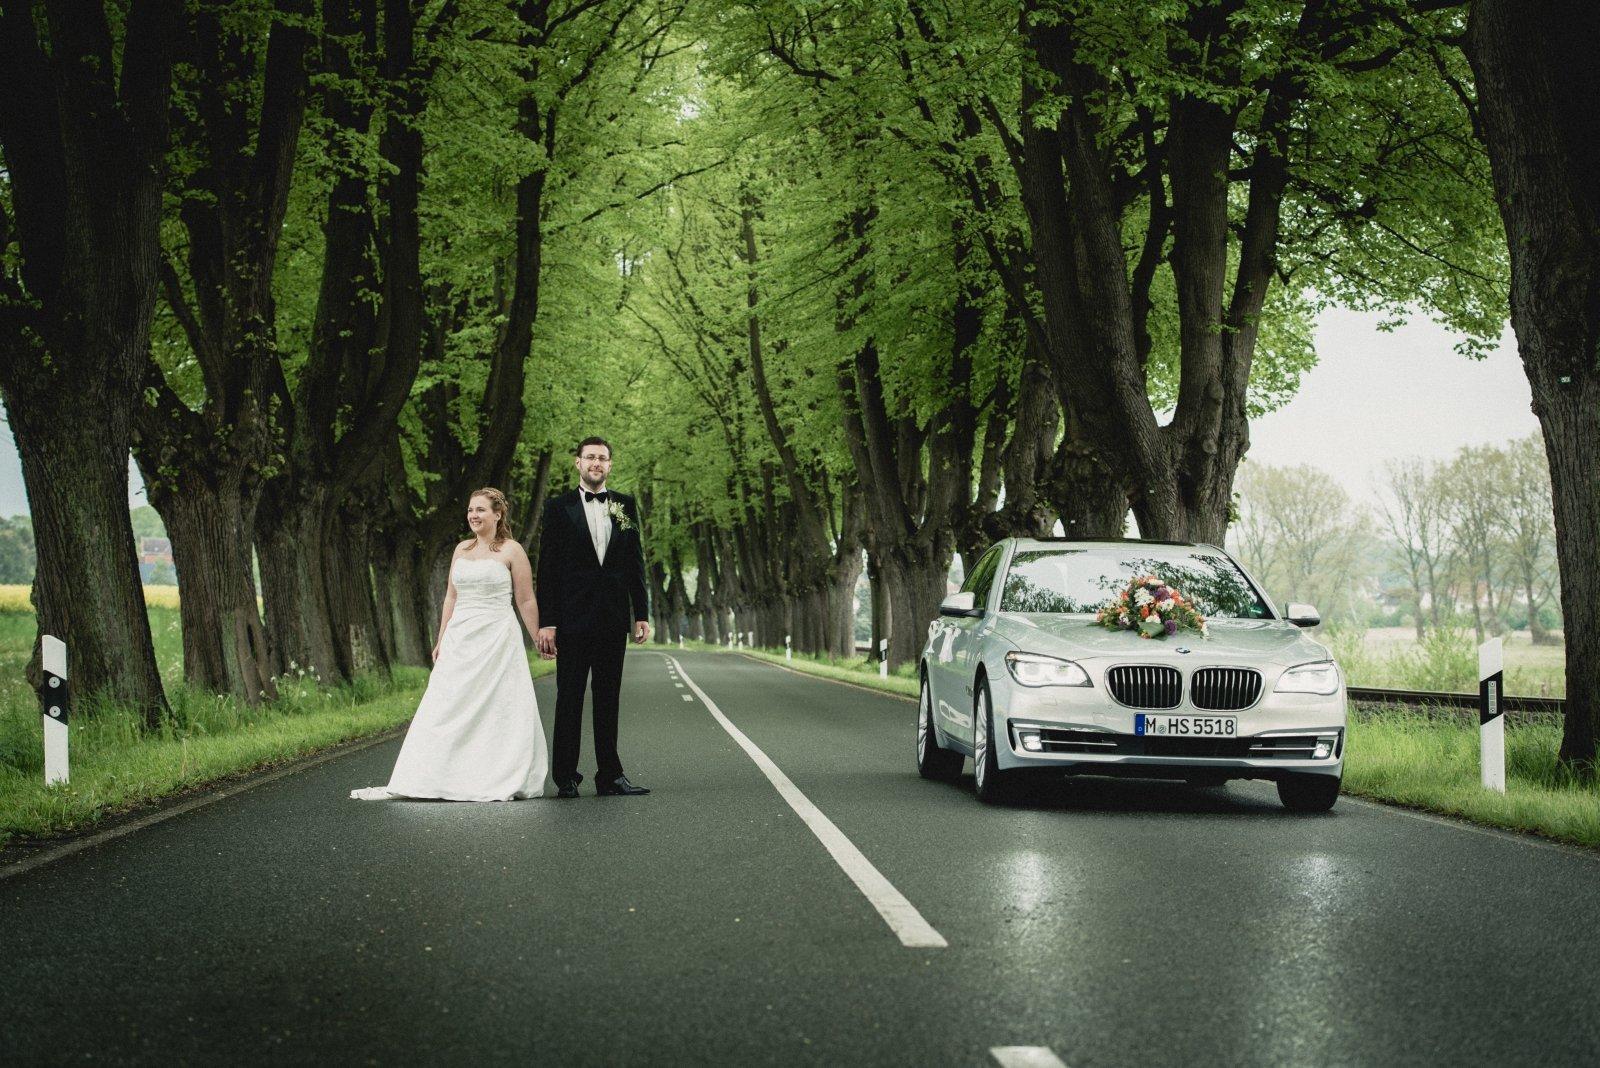 Hochzeitsreportage Von Tini & Felix In Rostock